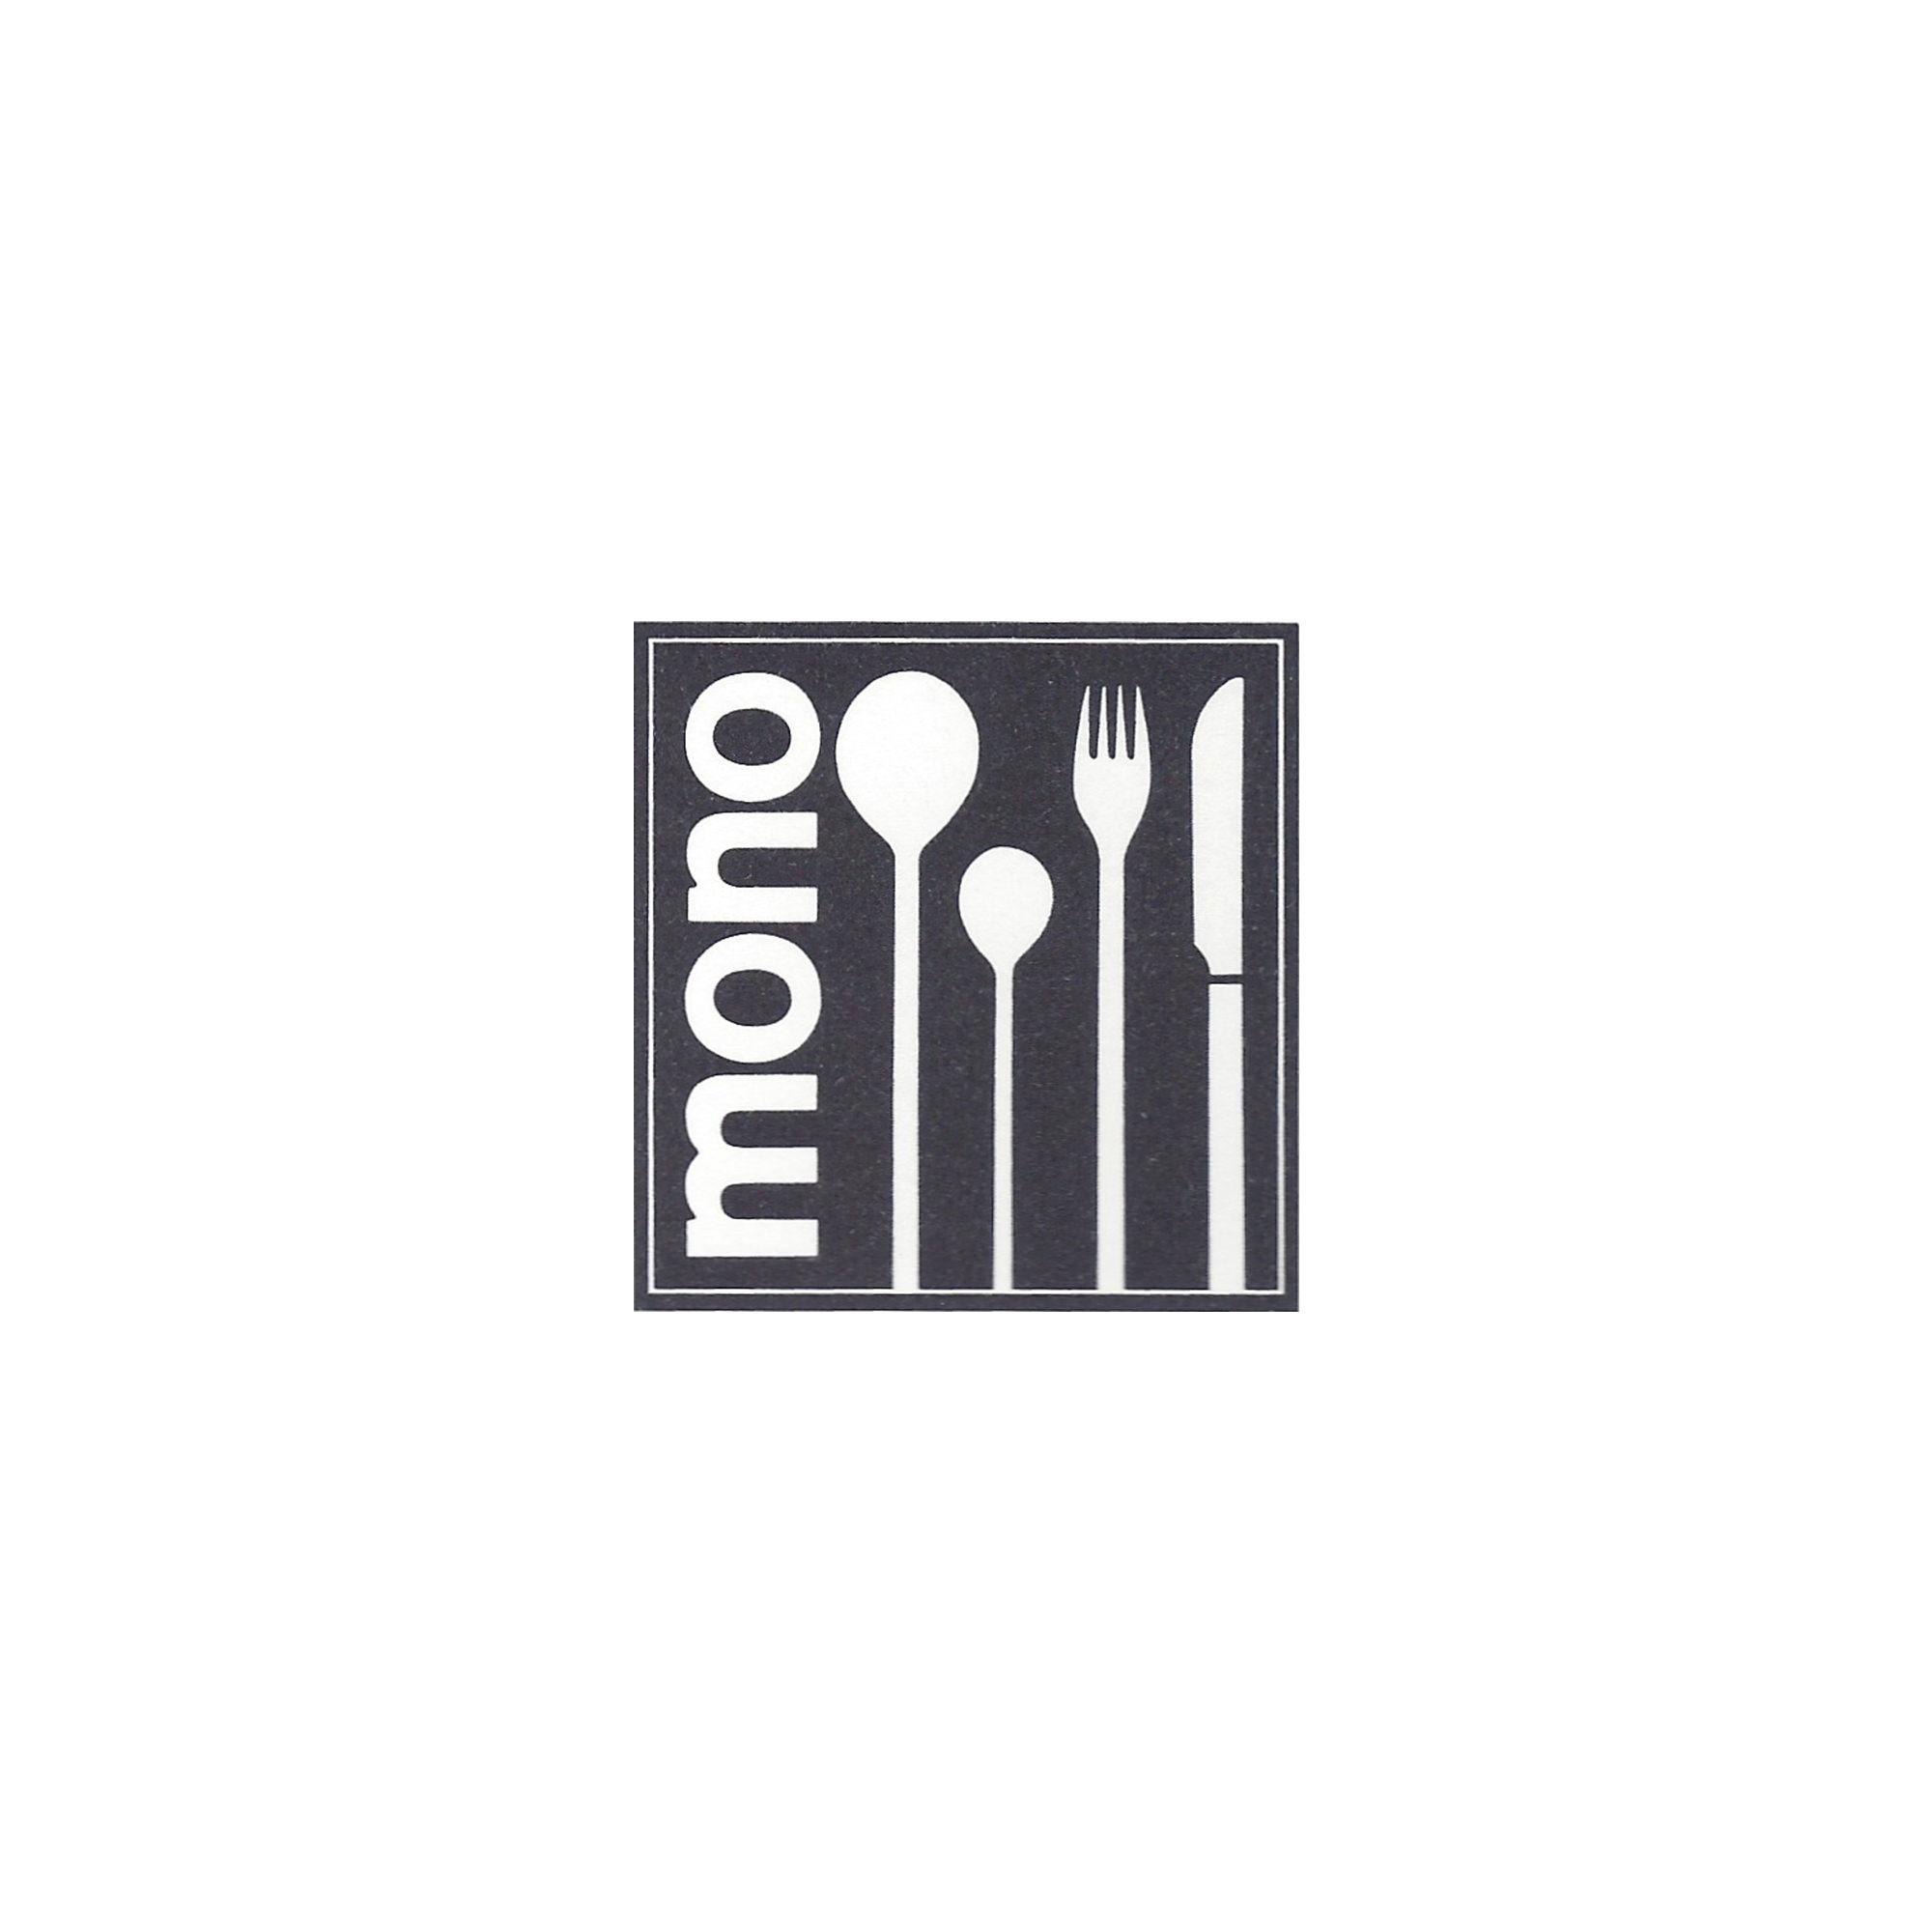 mono a history logo